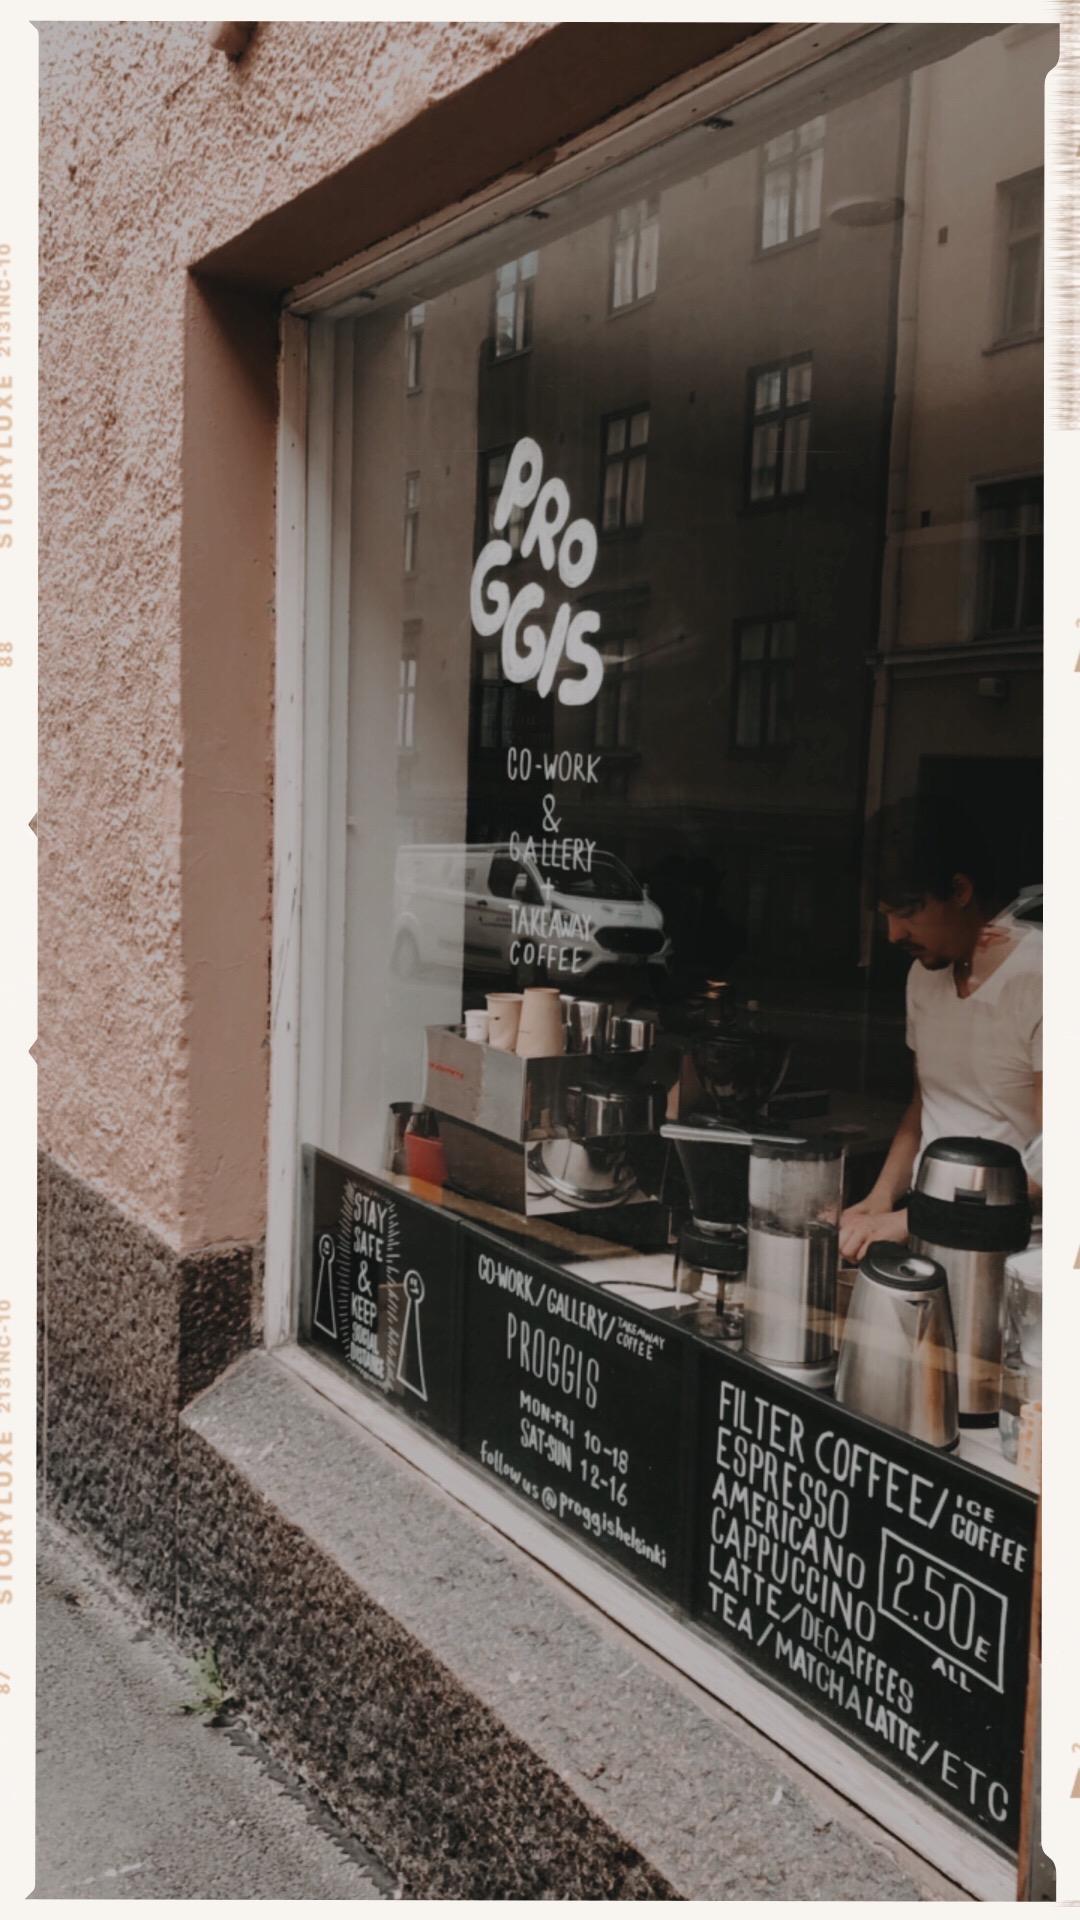 Proggis Helsinki, coffee - Helsingin kahvilat